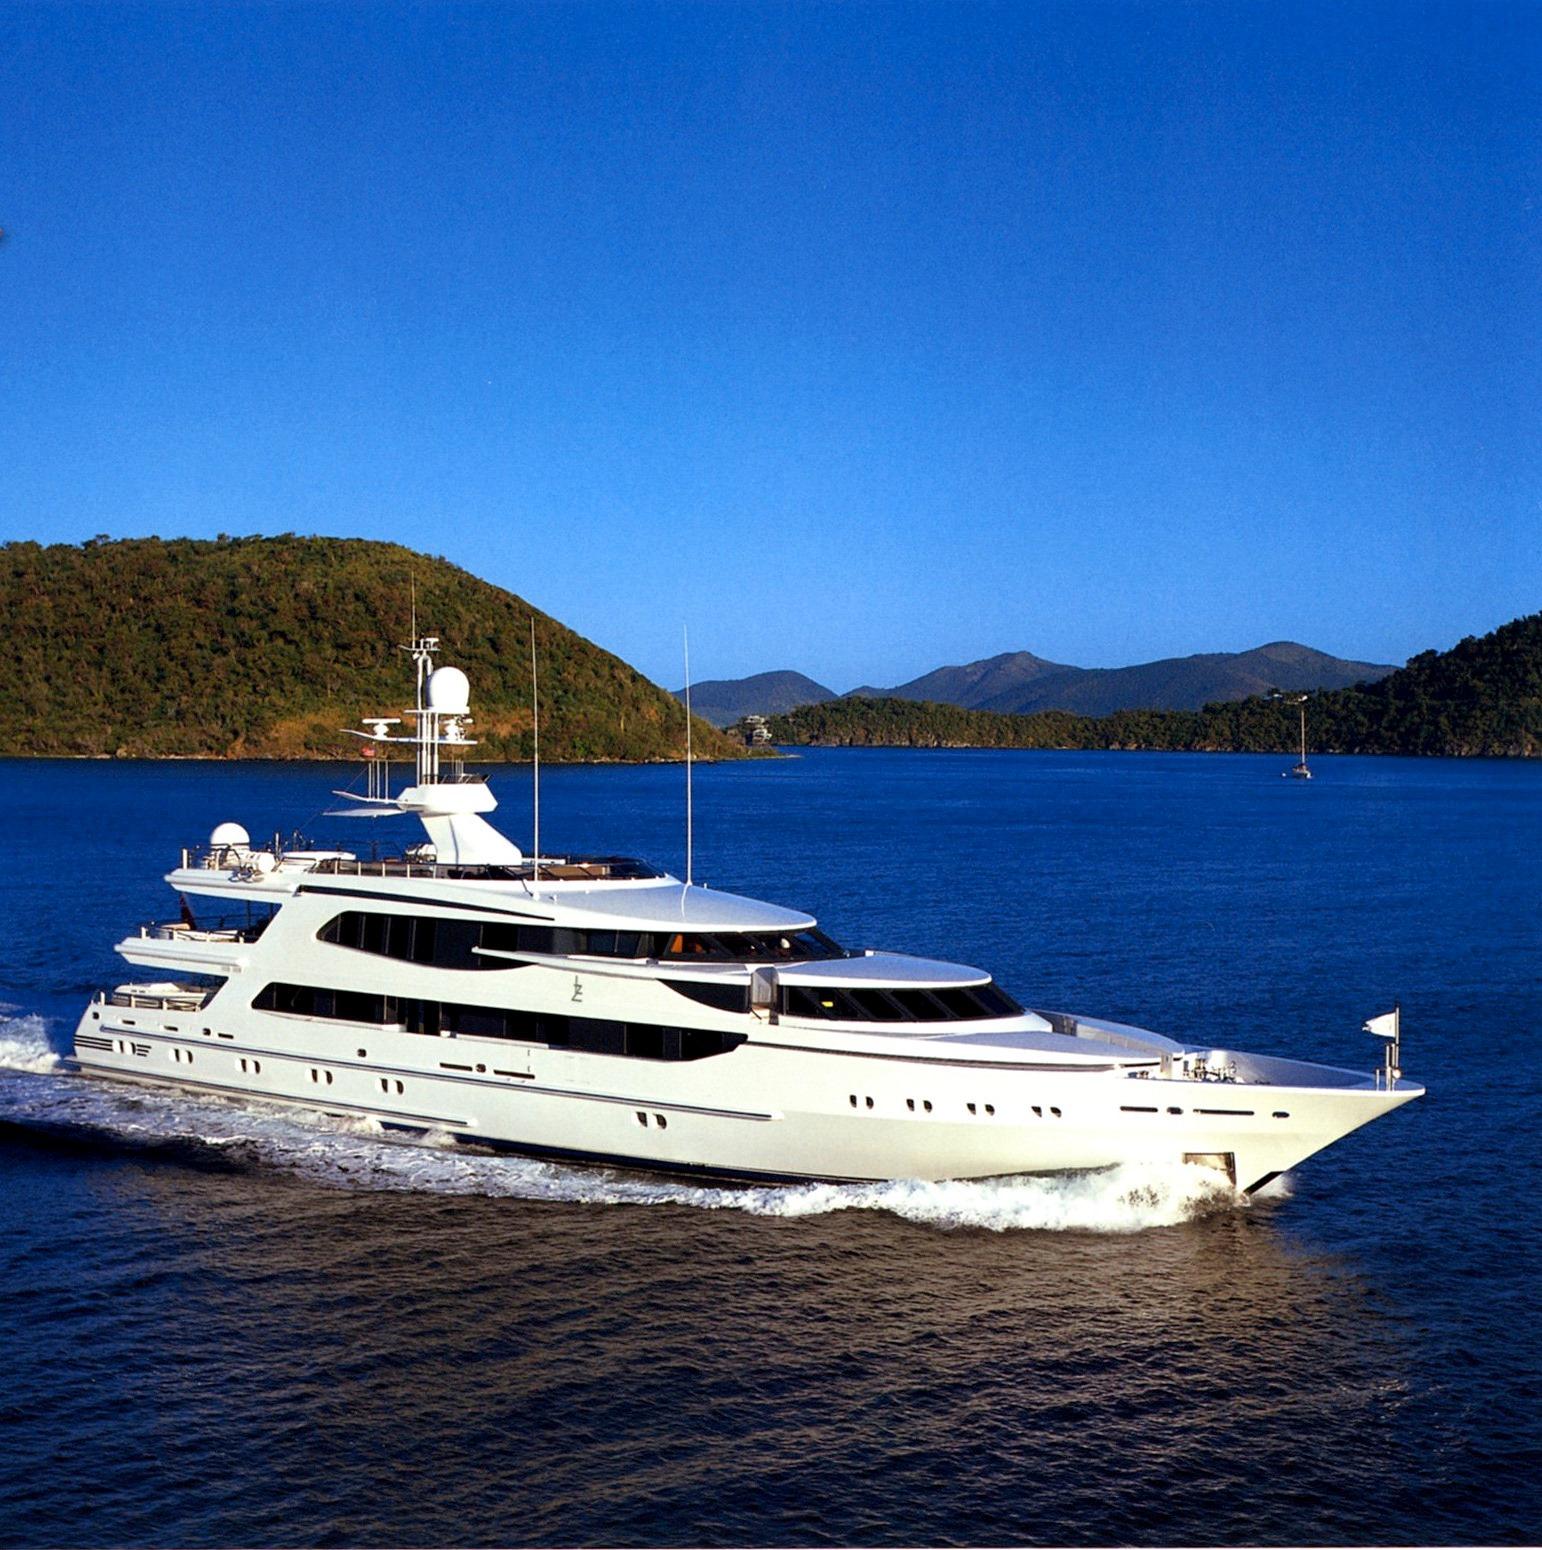 Motor yacht LAZY Z - On Charter